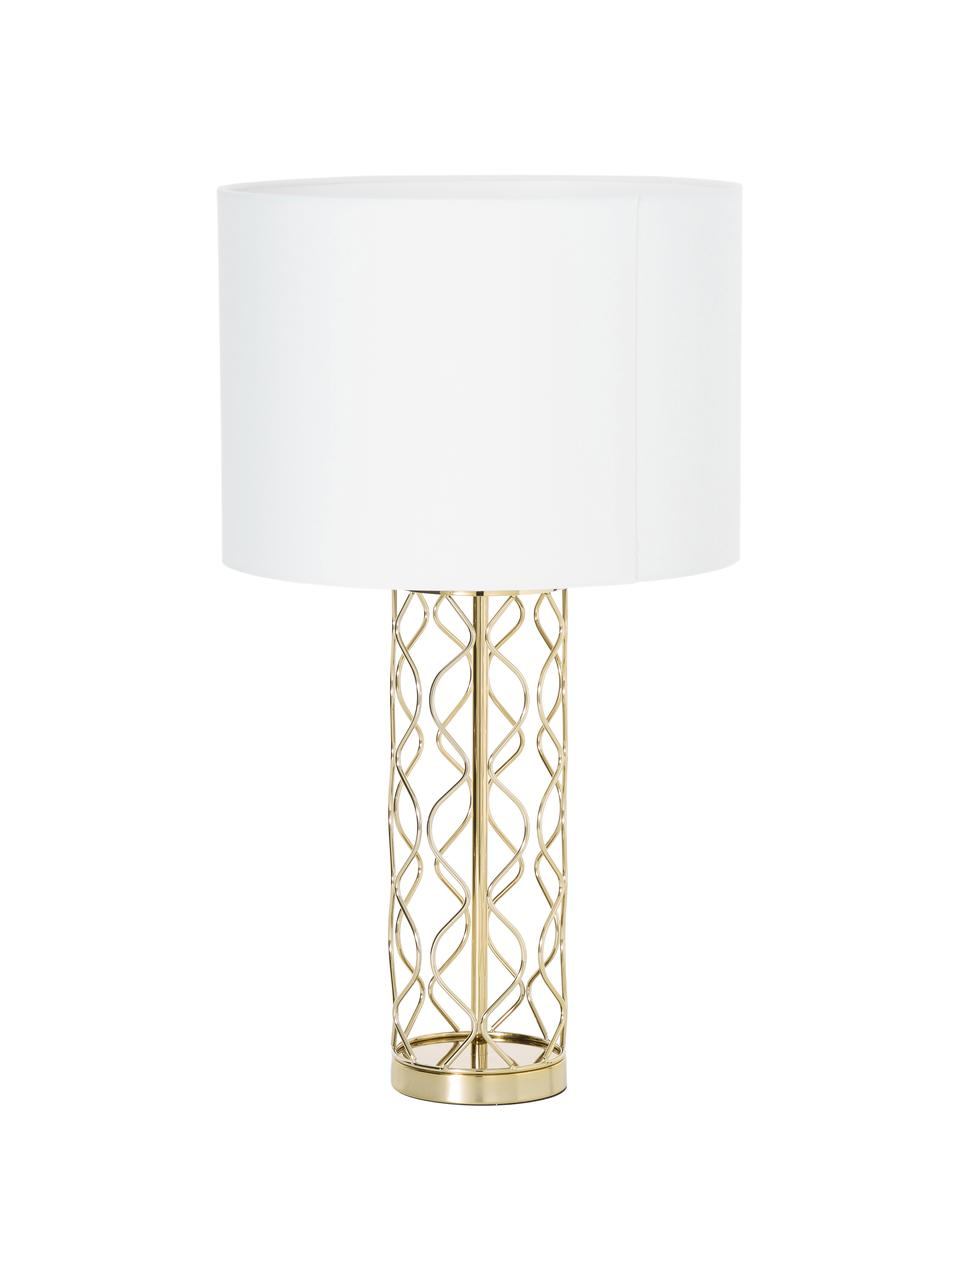 Große Tischlampe Adelaide in Weiß-Gold, Lampenschirm: Textil, Lampenfuß: Metall, Lampenschirm: Creme.Lampenfuß: Goldfarben, Ø 35 x H 62 cm